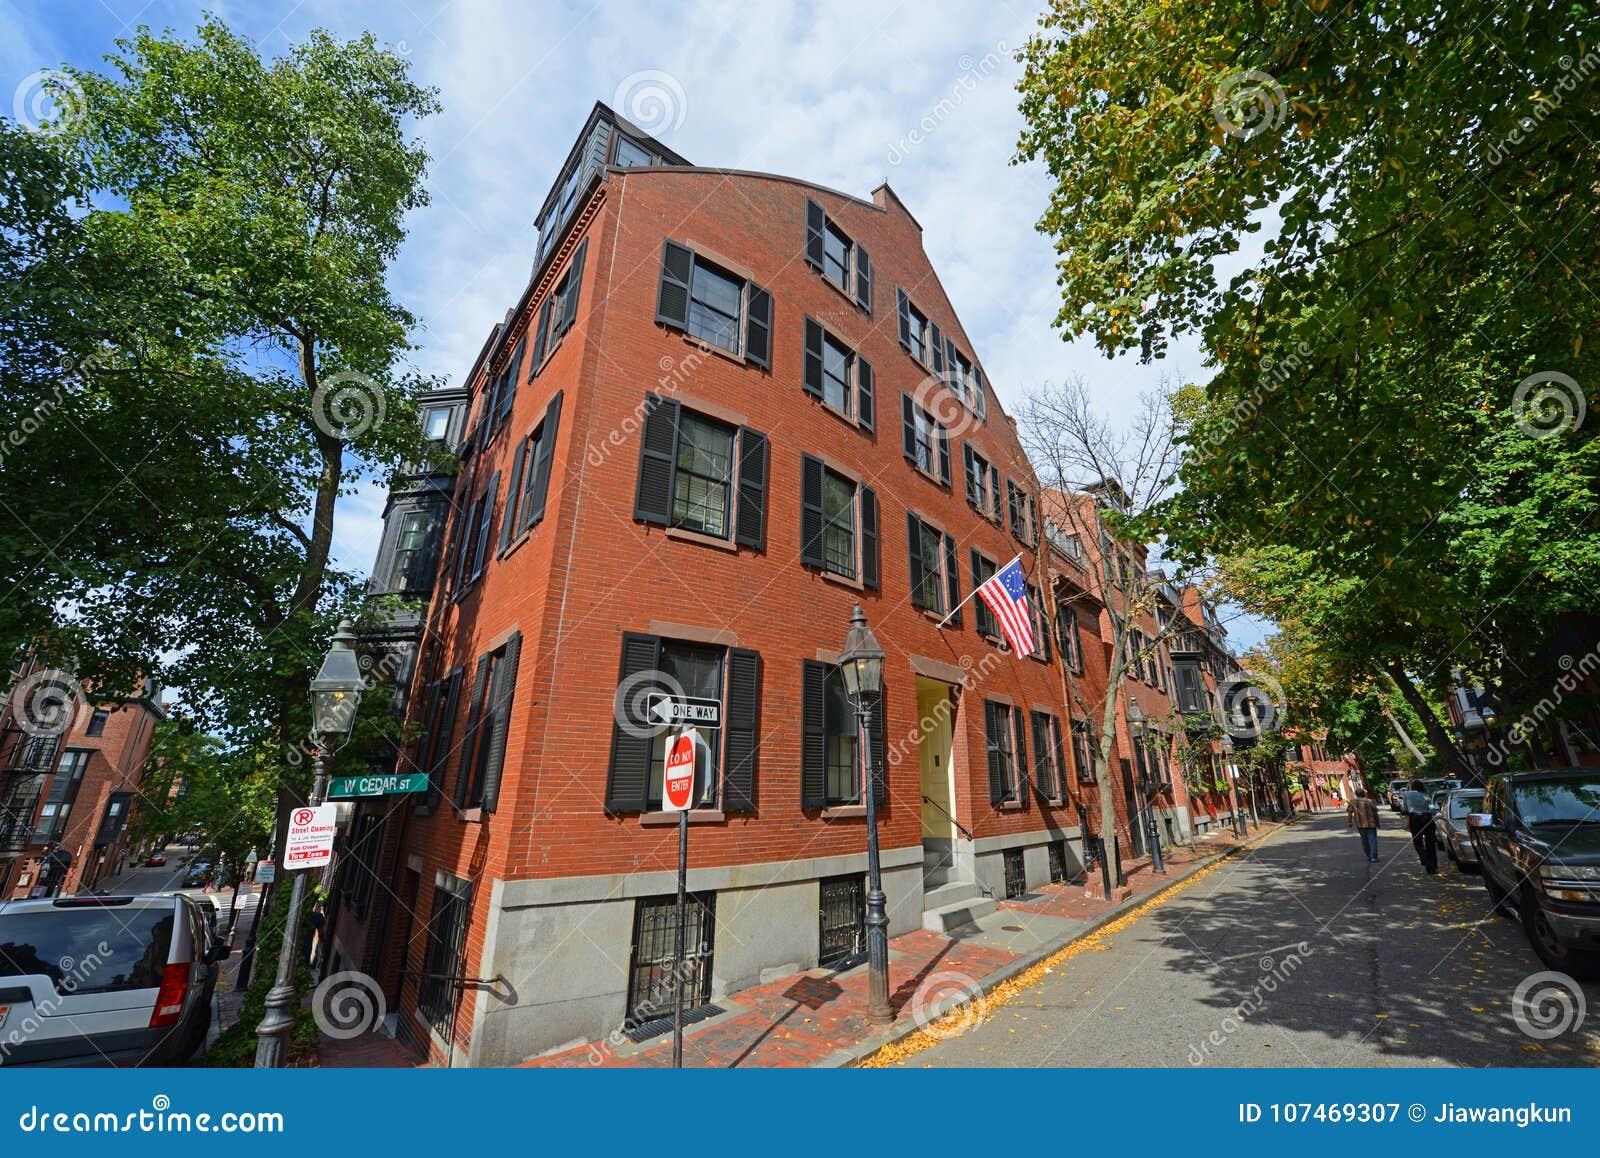 Construções históricas em Beacon Hill, Boston, EUA